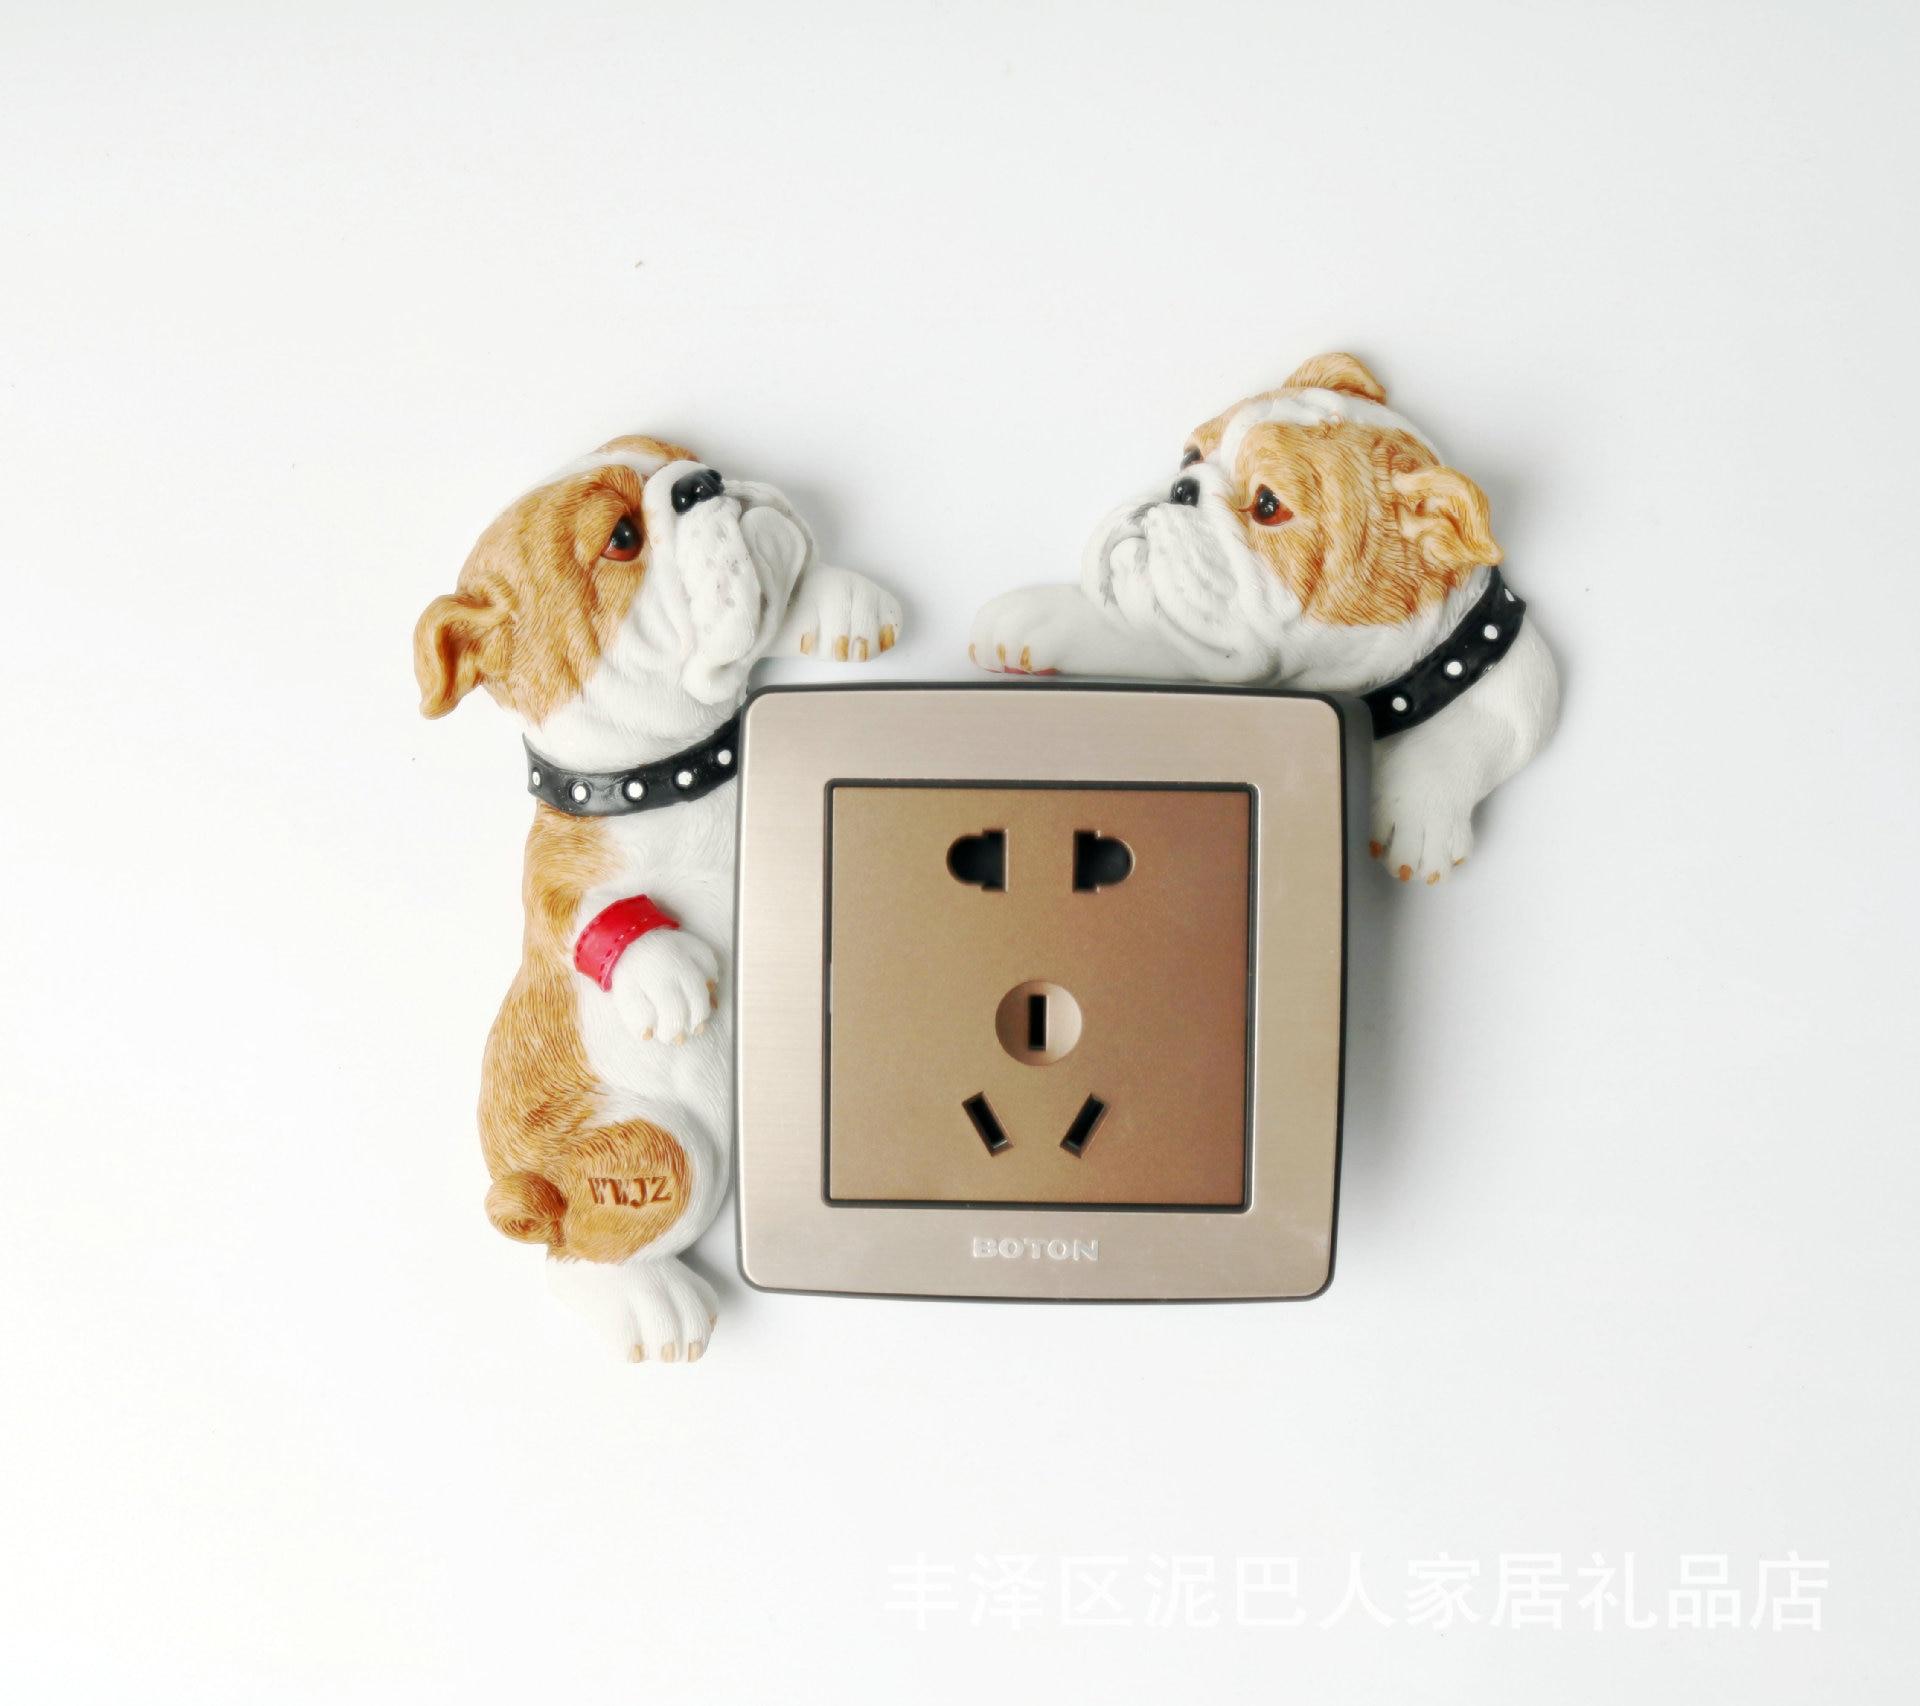 muursticker outlet-koop goedkope muursticker outlet loten van, Deco ideeën